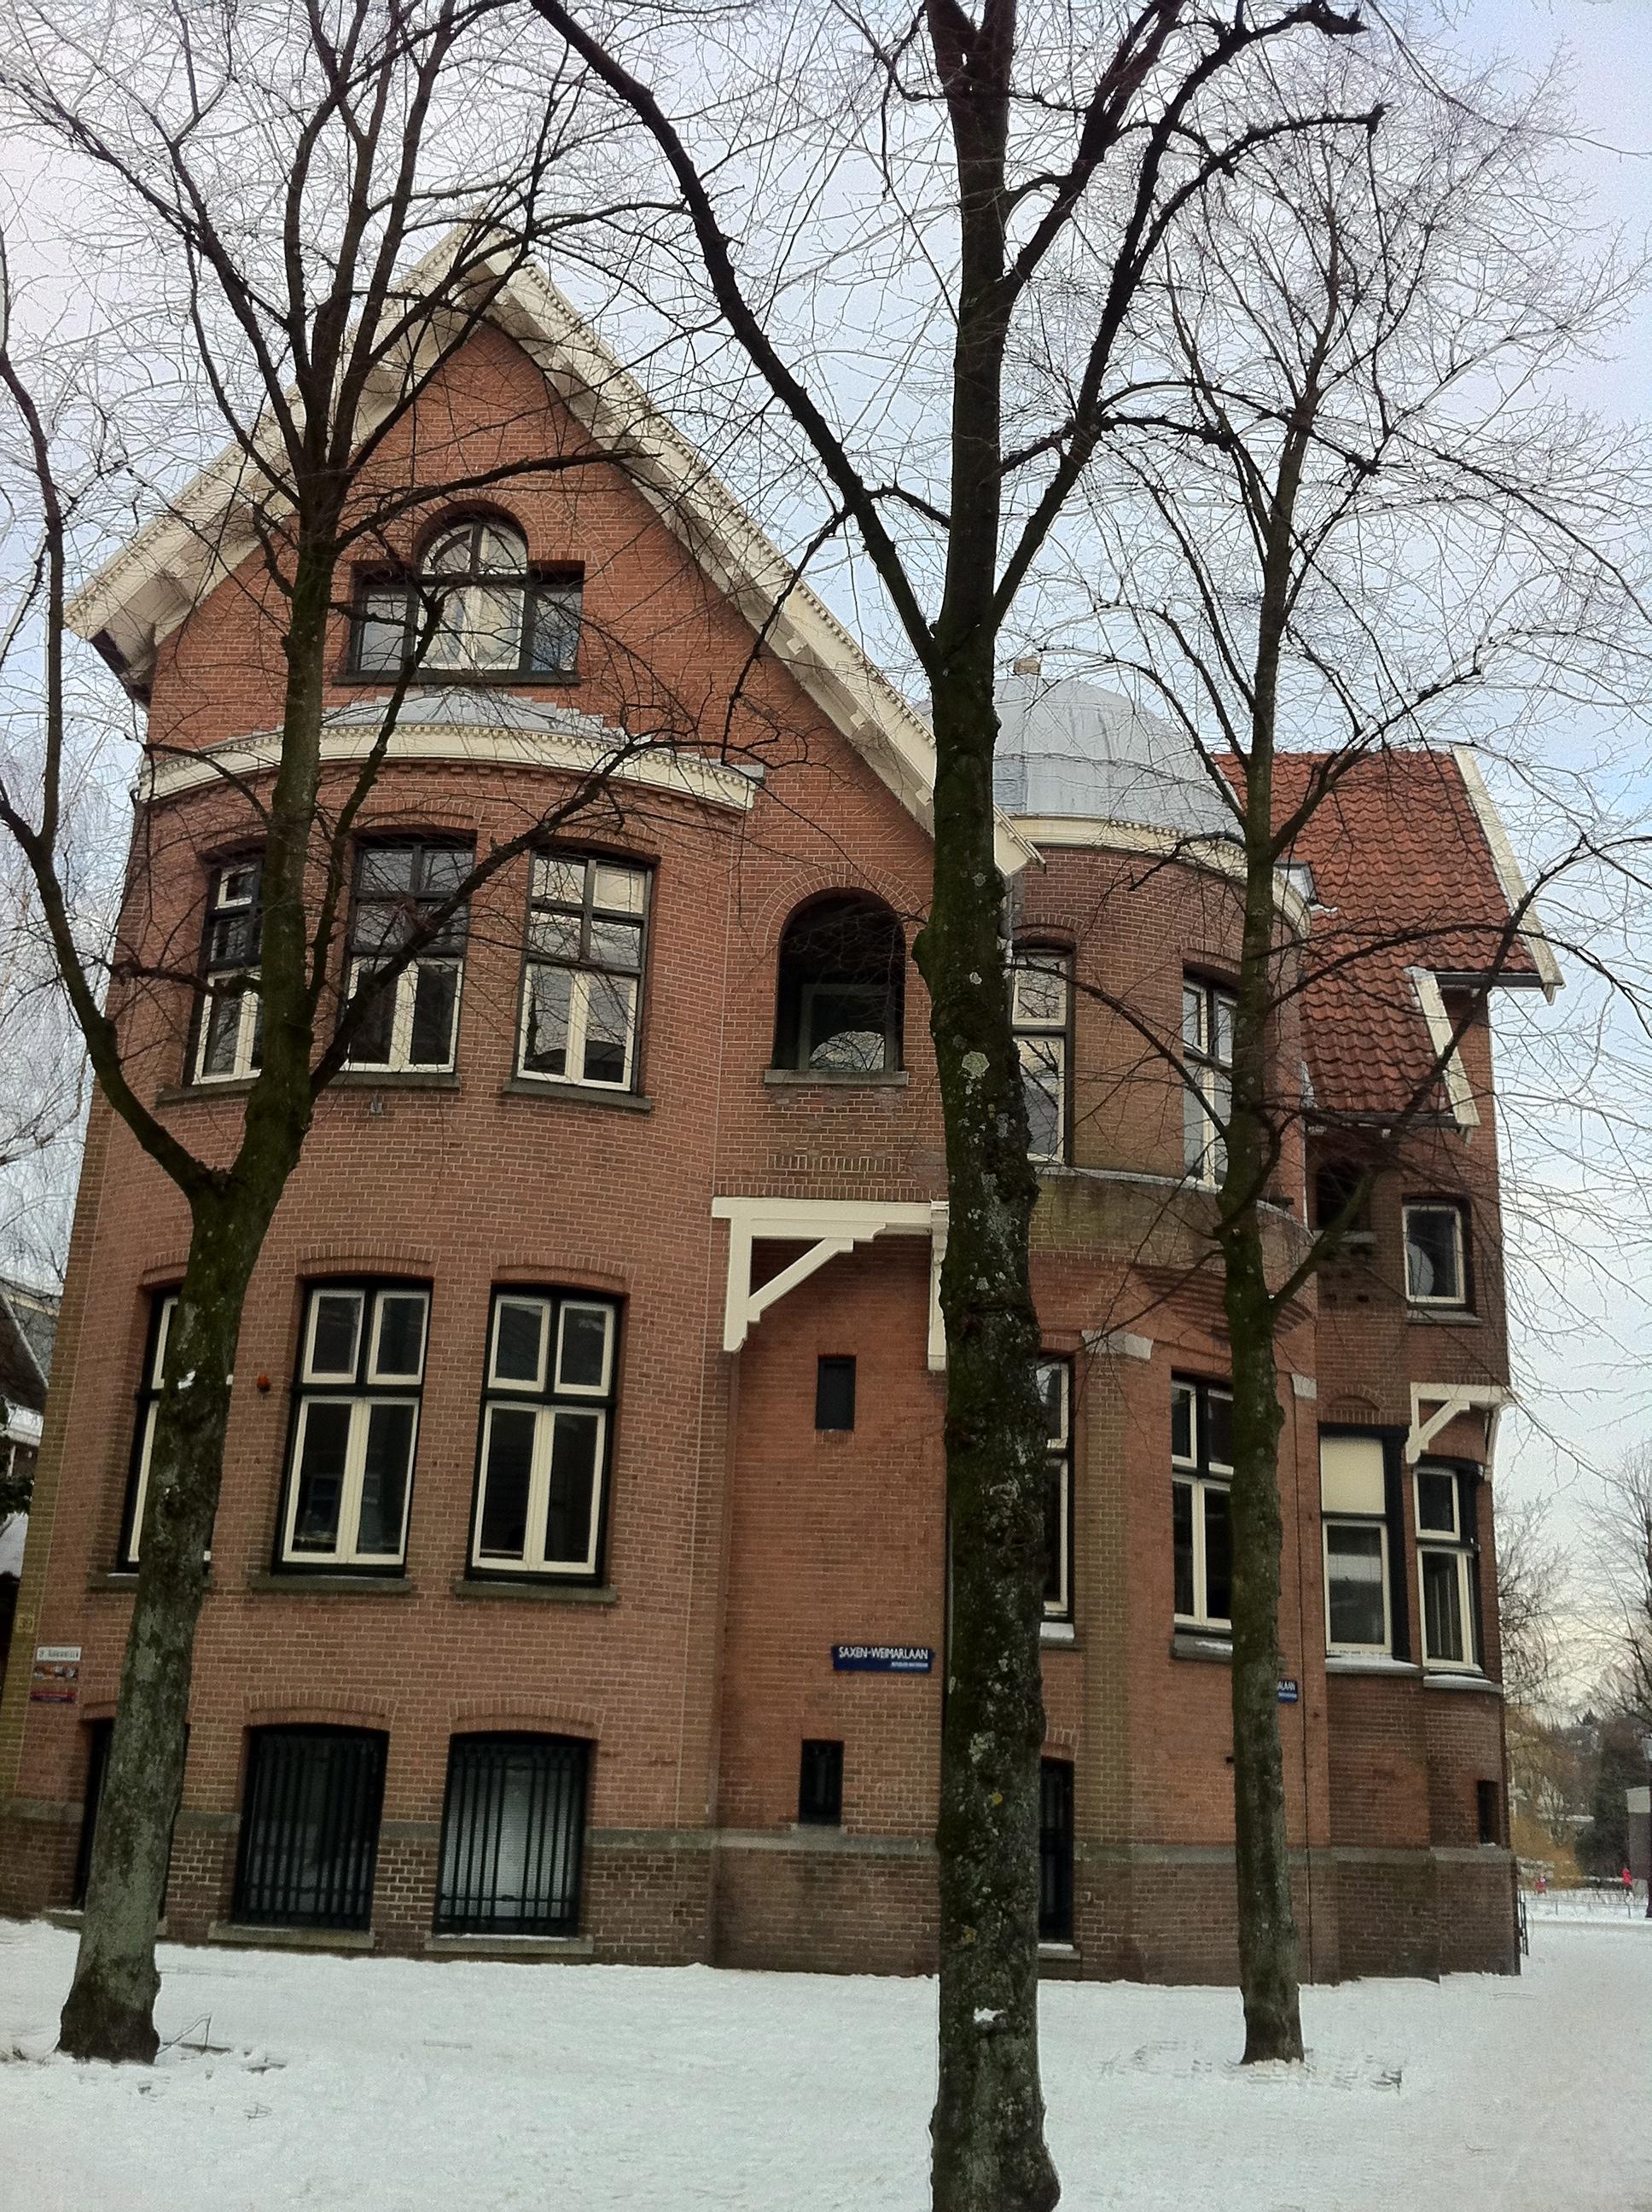 Amsterdam-_Saxen-Weimarlaan_39.jpg